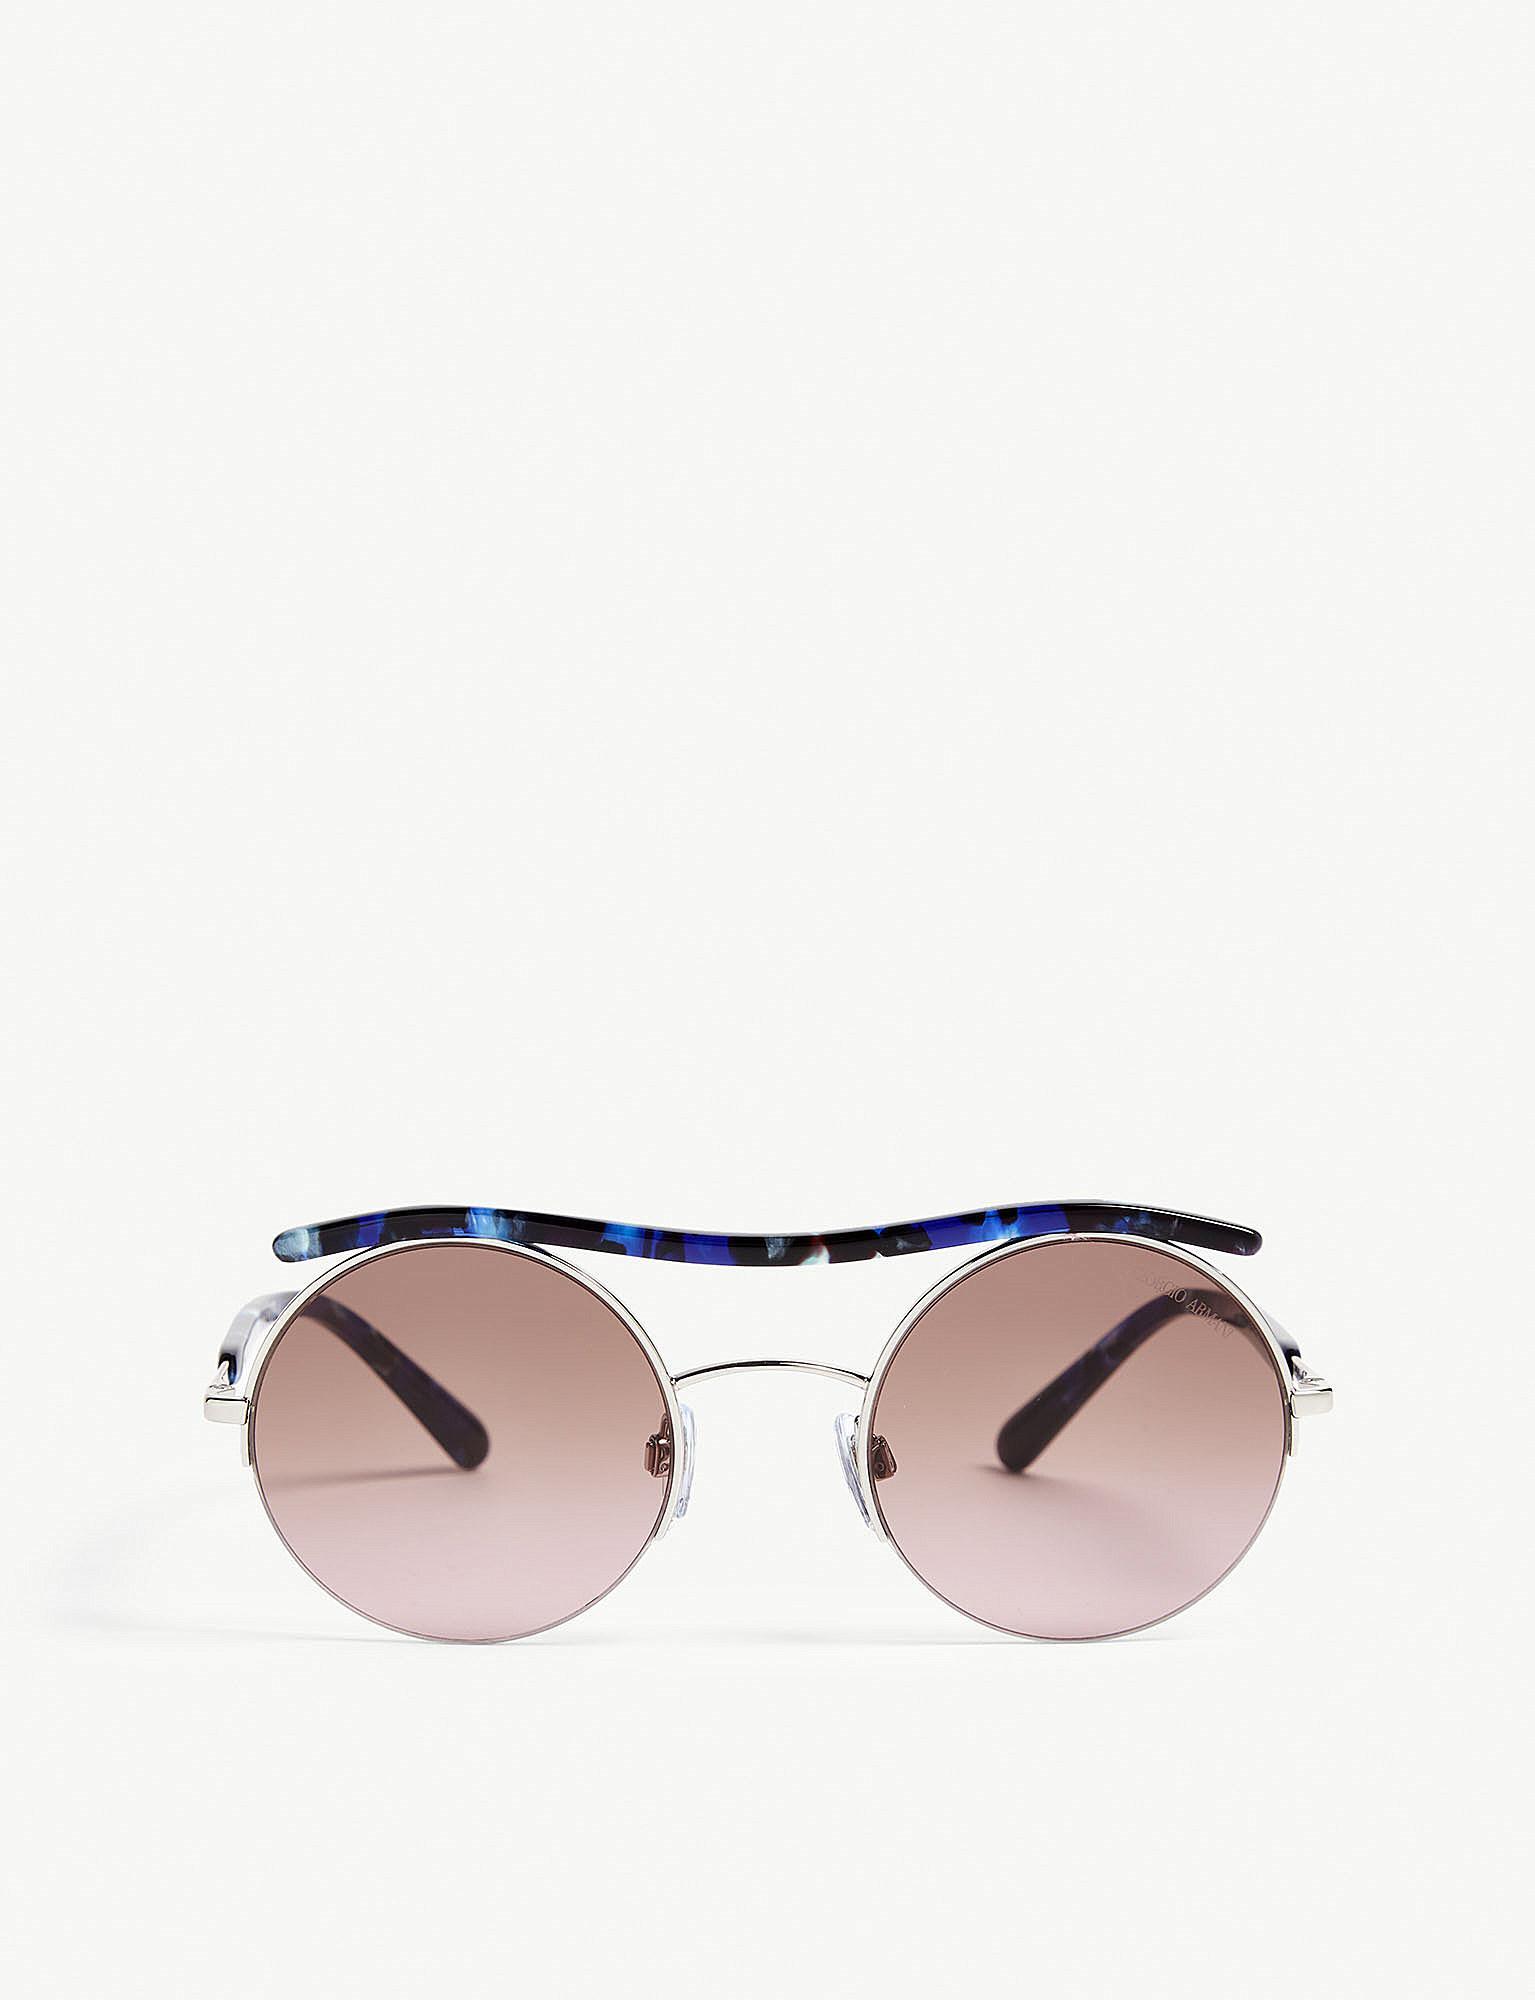 b0e0428f0e7 Lyst - Giorgio Armani Ar6082 Round Sunglasses in Metallic